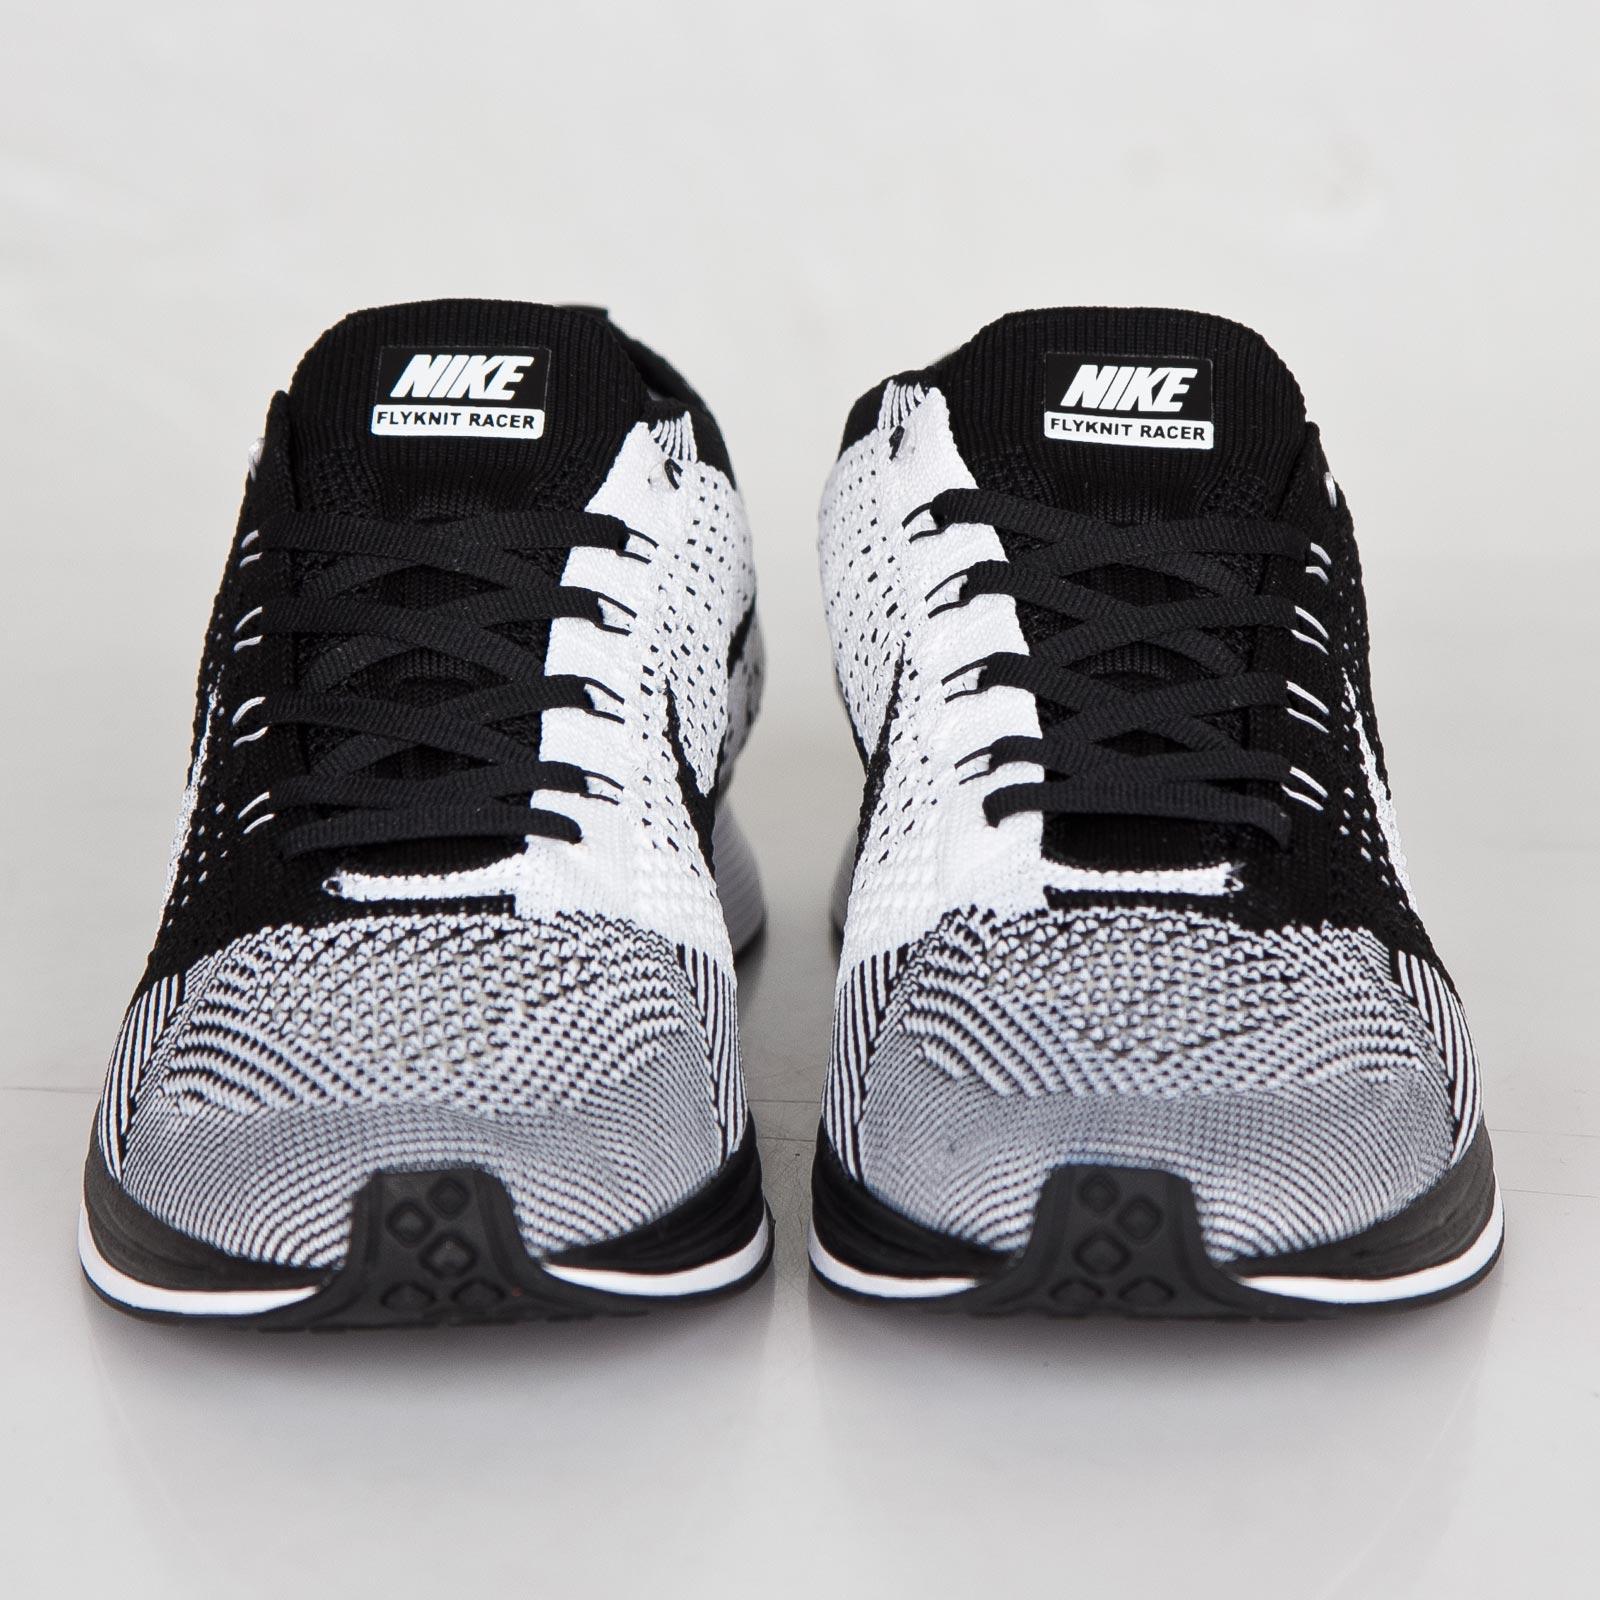 size 40 a0f11 94b47 Nike Flyknit Racer - 526628-002 - Sneakersnstuff   sneakers   streetwear  online since 1999